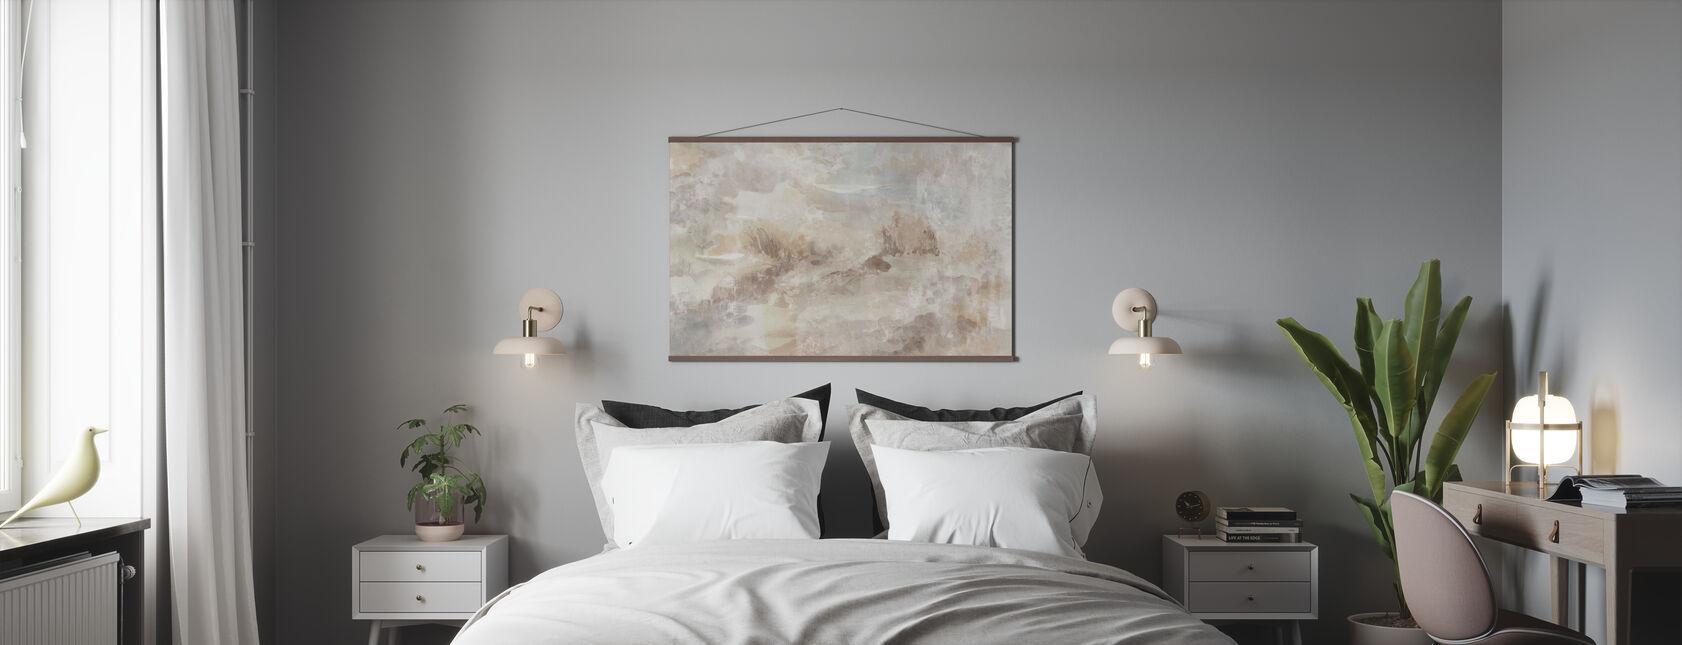 Oeuvre Landschaft - Poster - Schlafzimmer